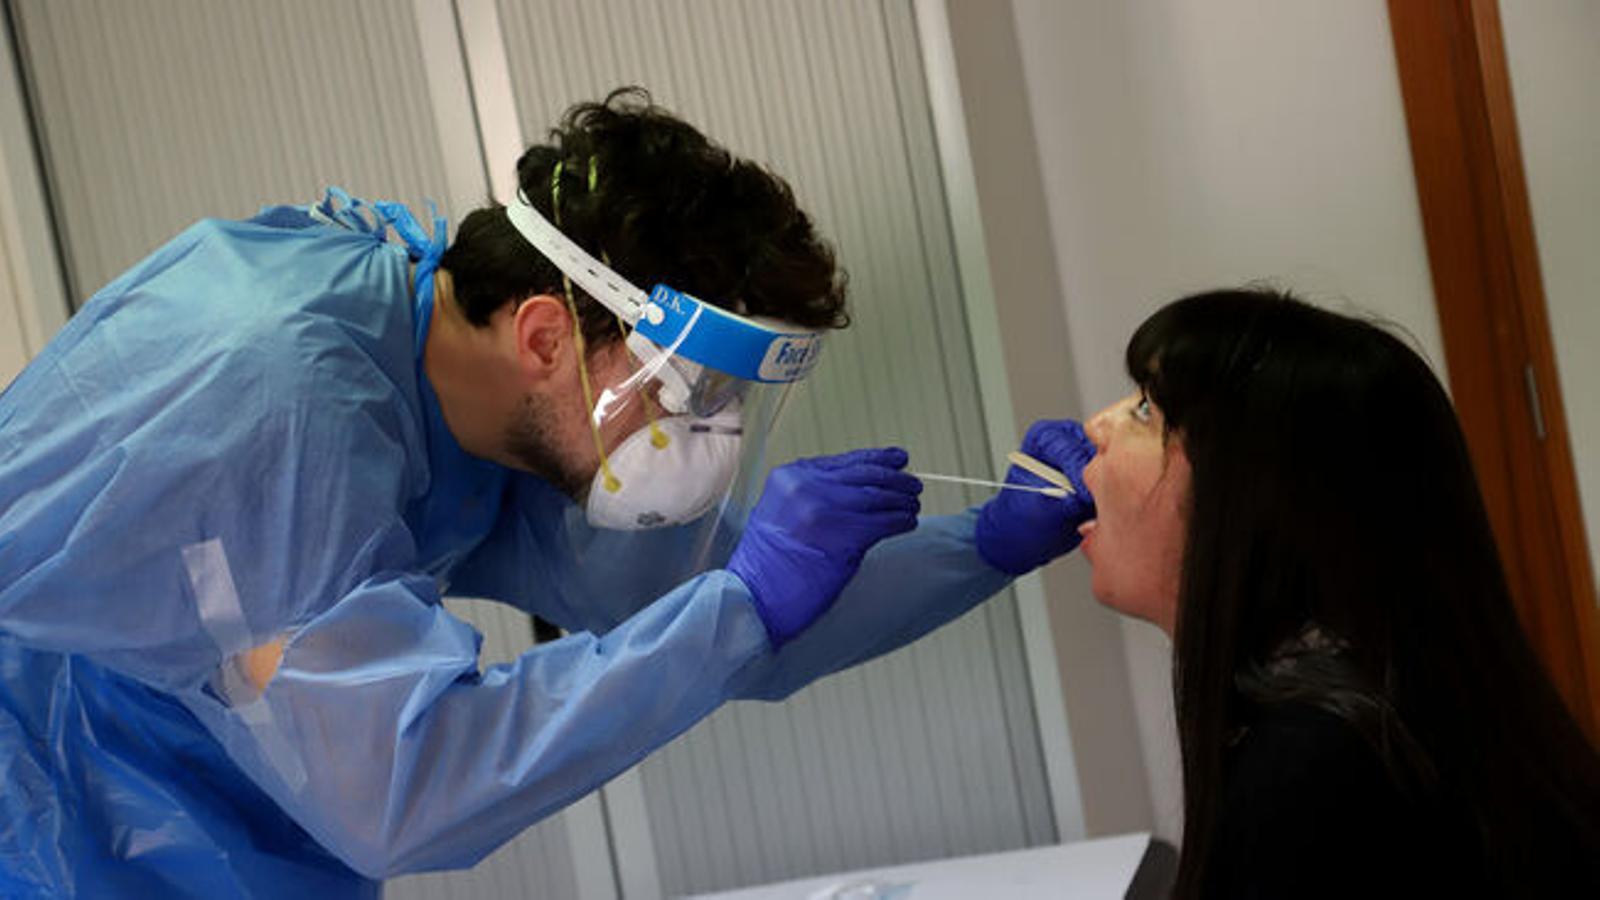 Lleuger descens dels casos de coronavirus a les Illes Balears